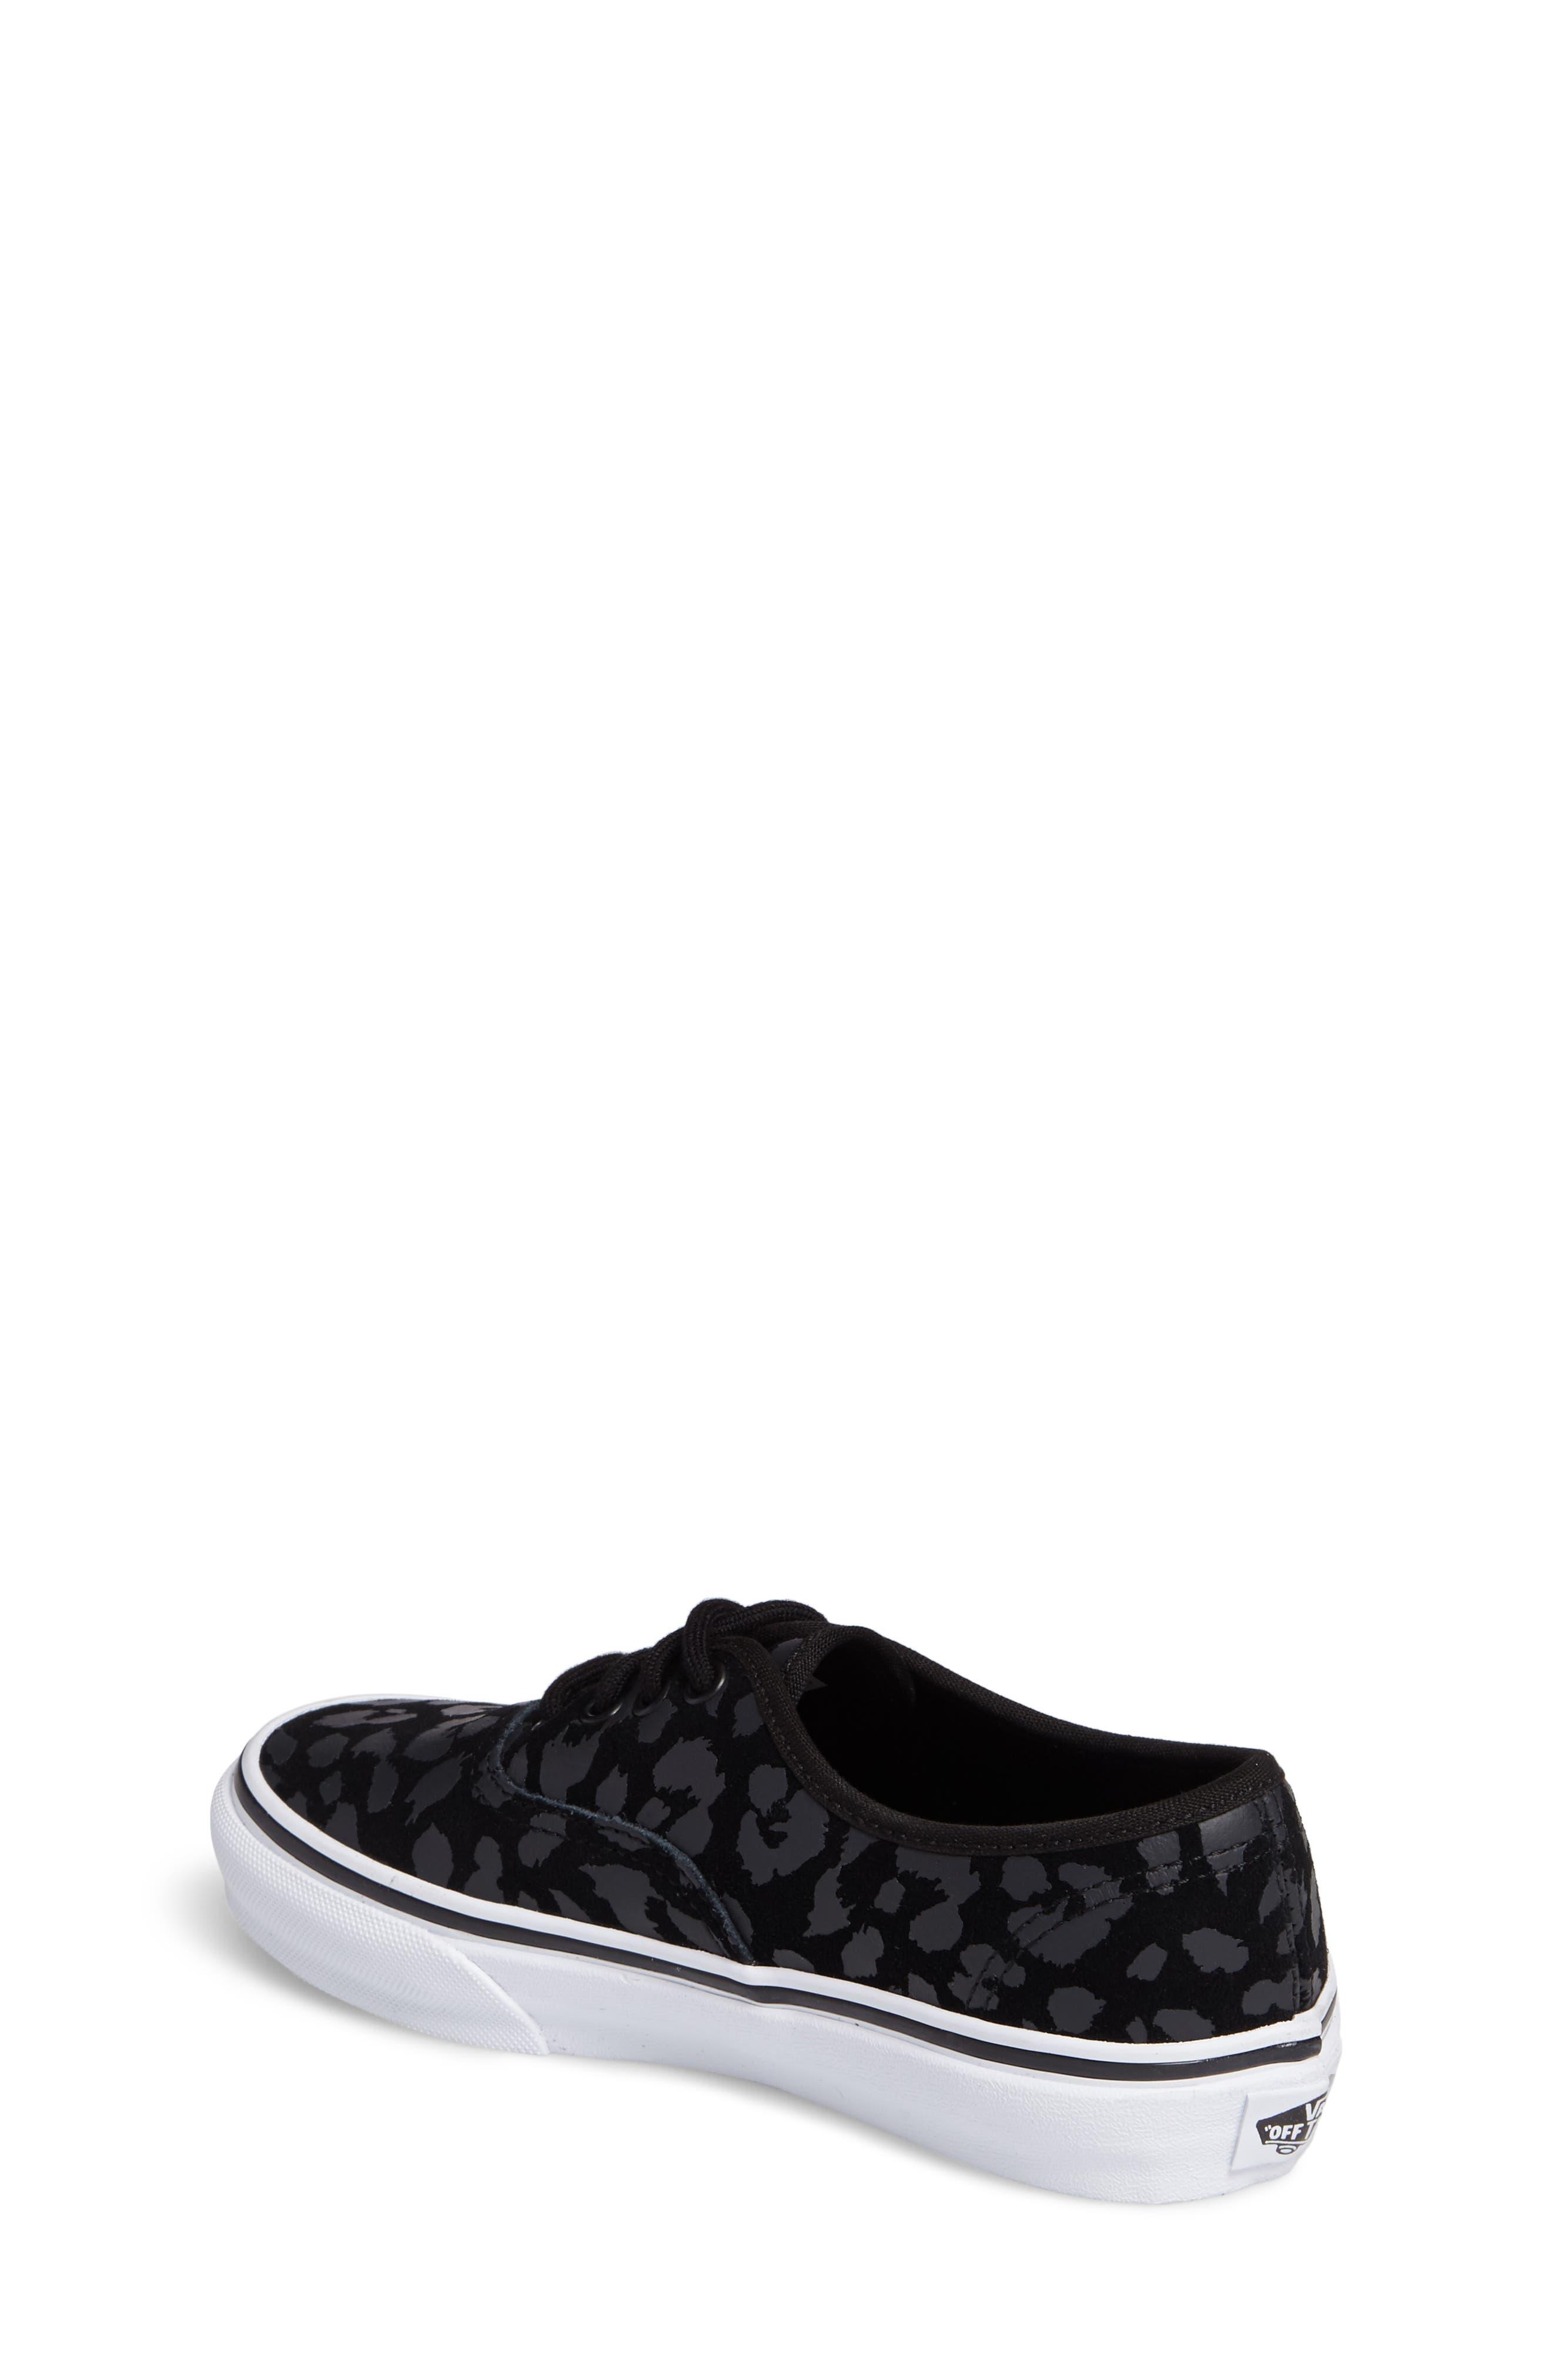 Authentic Leopard Print Sneaker,                             Alternate thumbnail 2, color,                             001